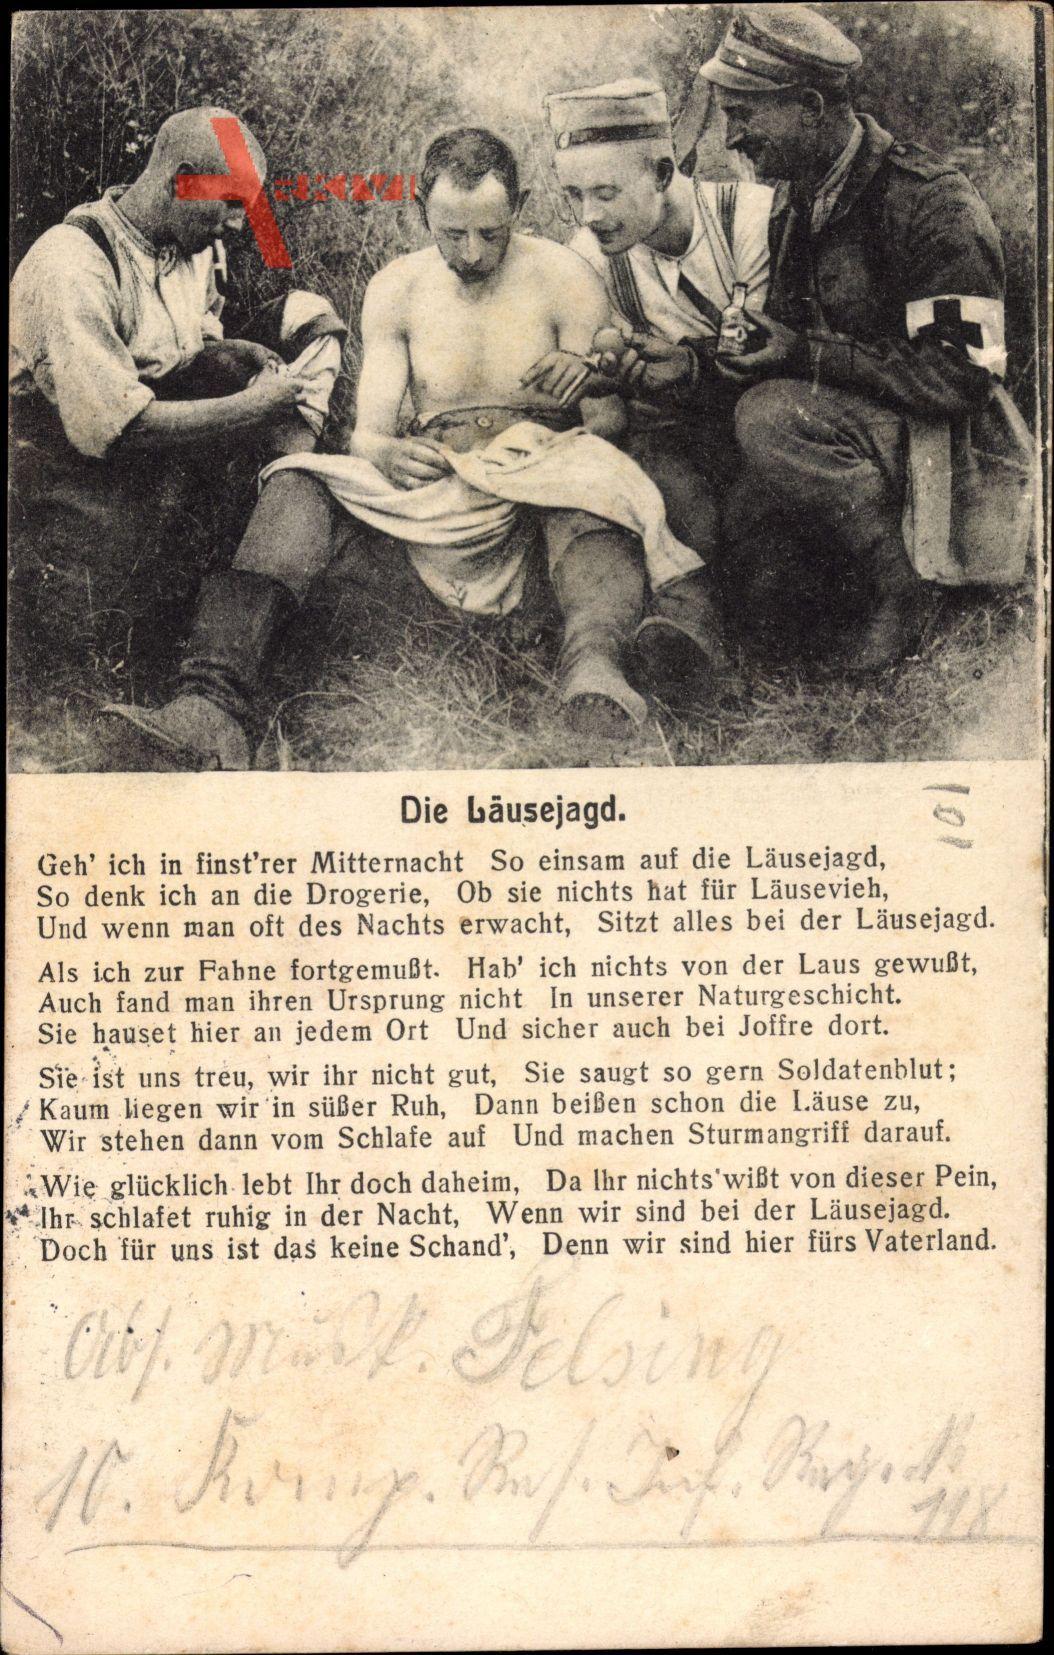 Die Läusejagd, Deutsche Soldaten, Entlausen,Geh ich in finstrer Mitternacht